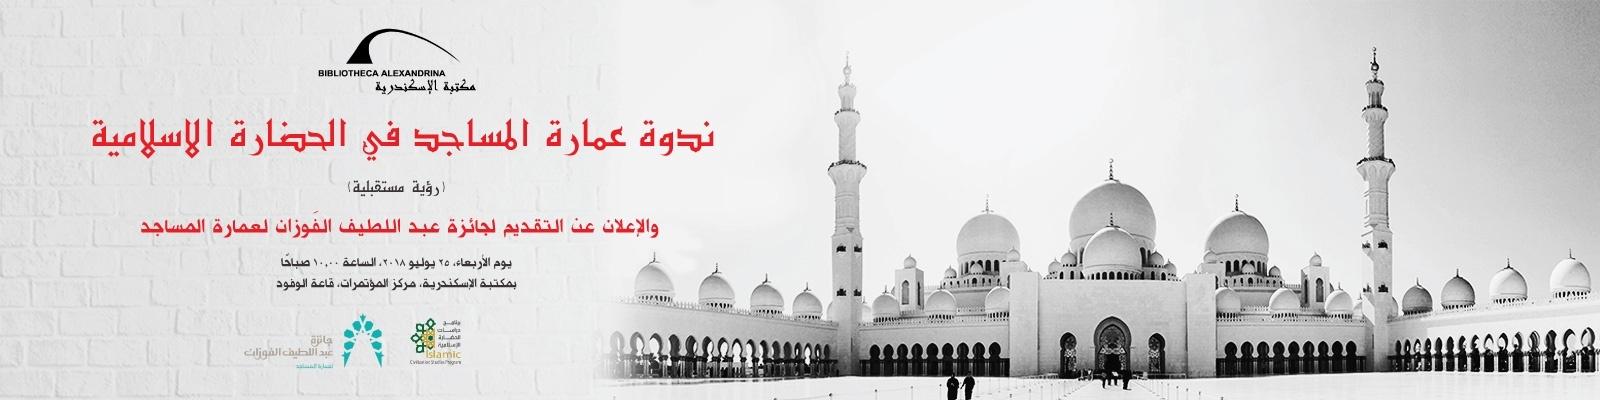 عمارة المساجد في الحضارة الإسلامية: رؤية مستقبلية